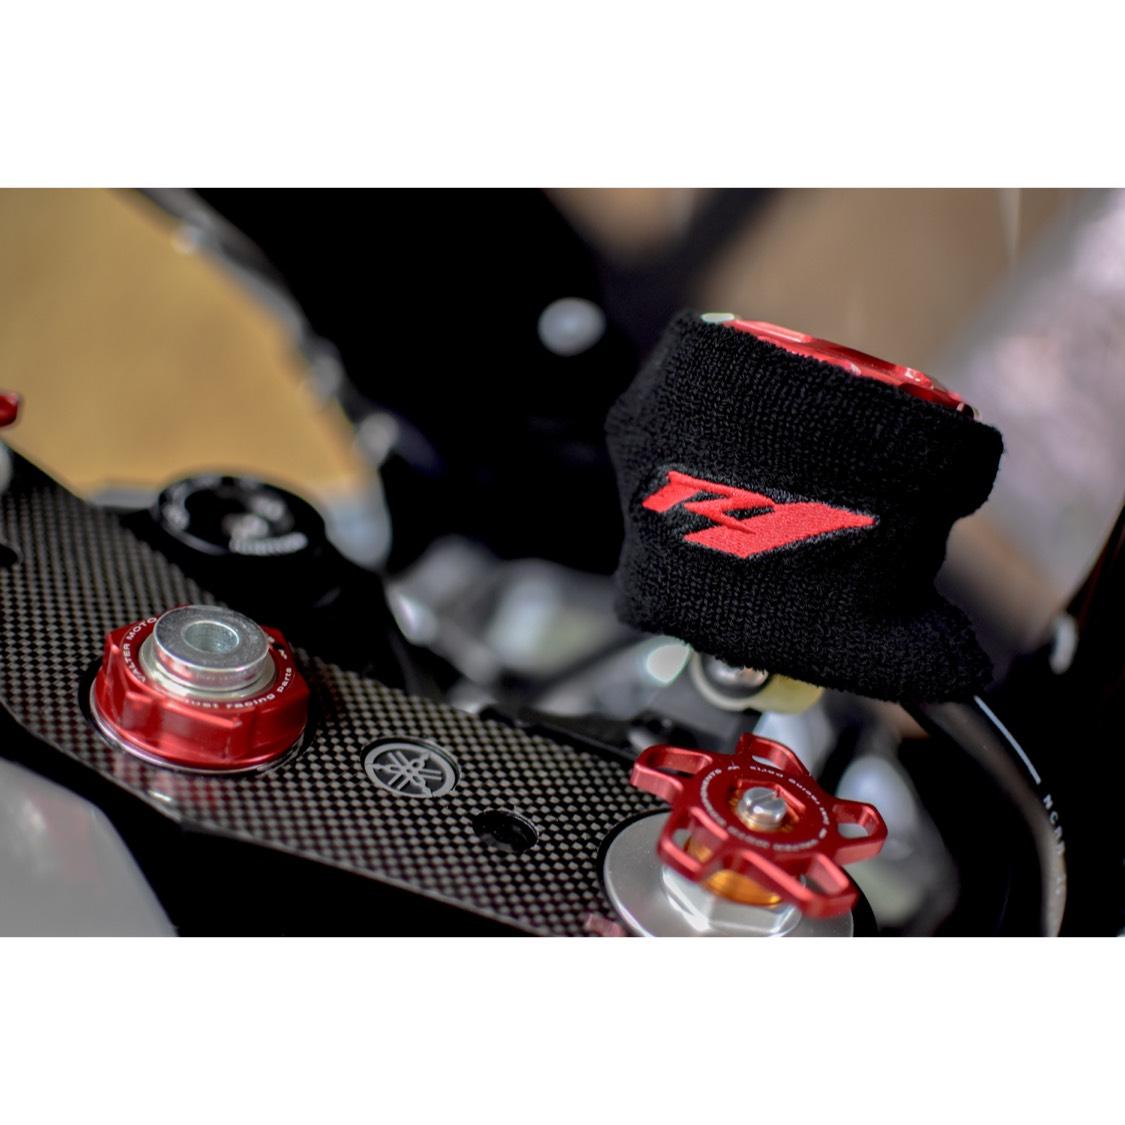 【数量限定】yzf-r1 汎用 ブレーキマスターシリンダーカバー 新品!